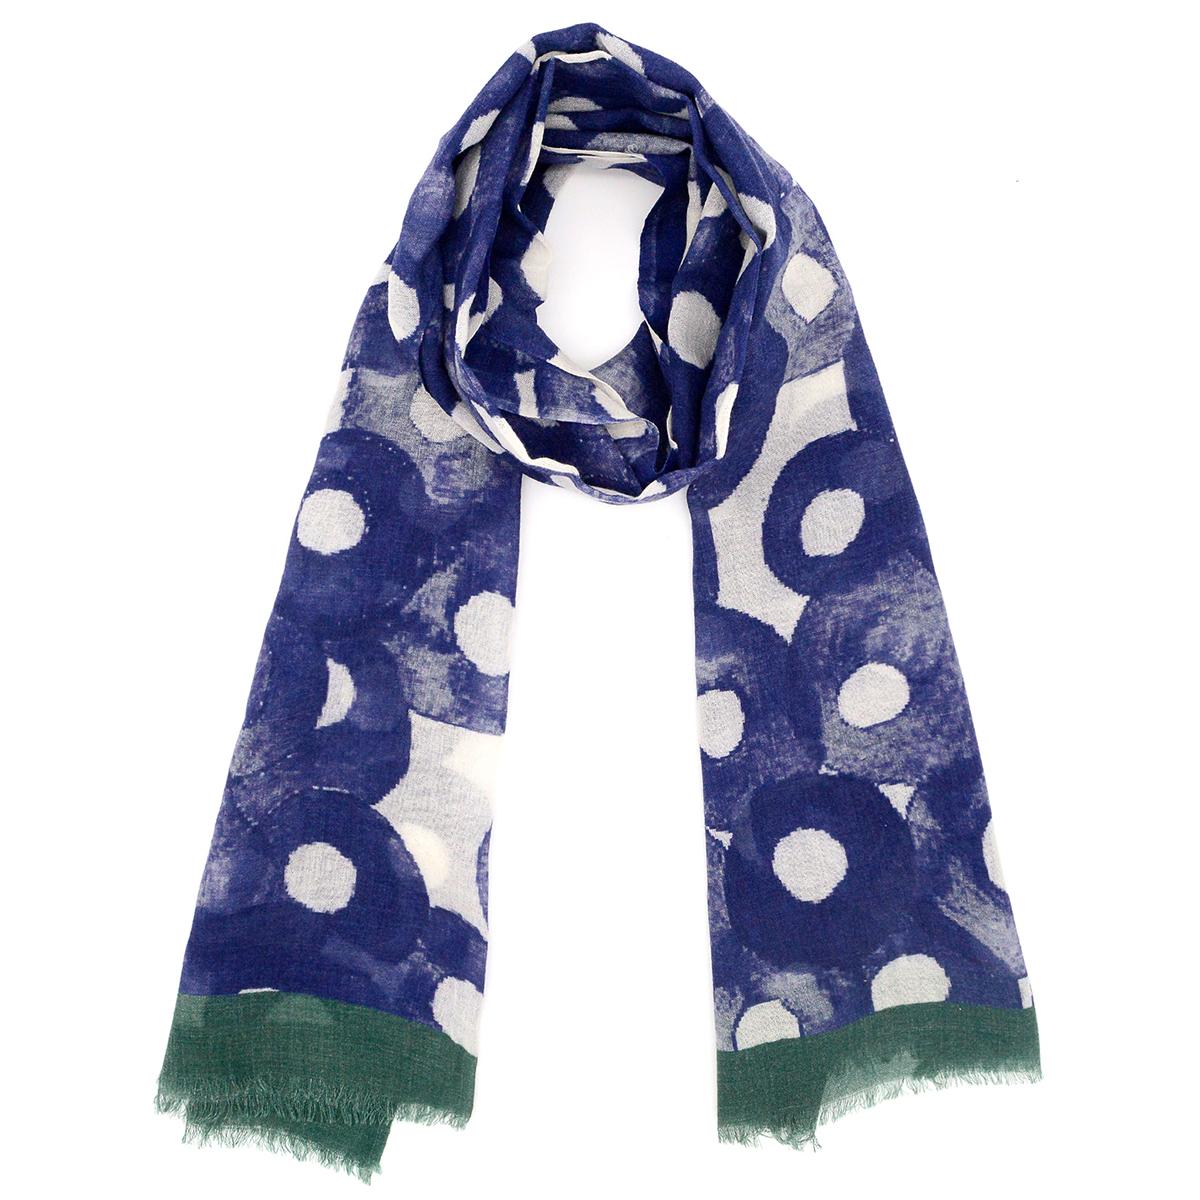 Indigo circles wool scarf